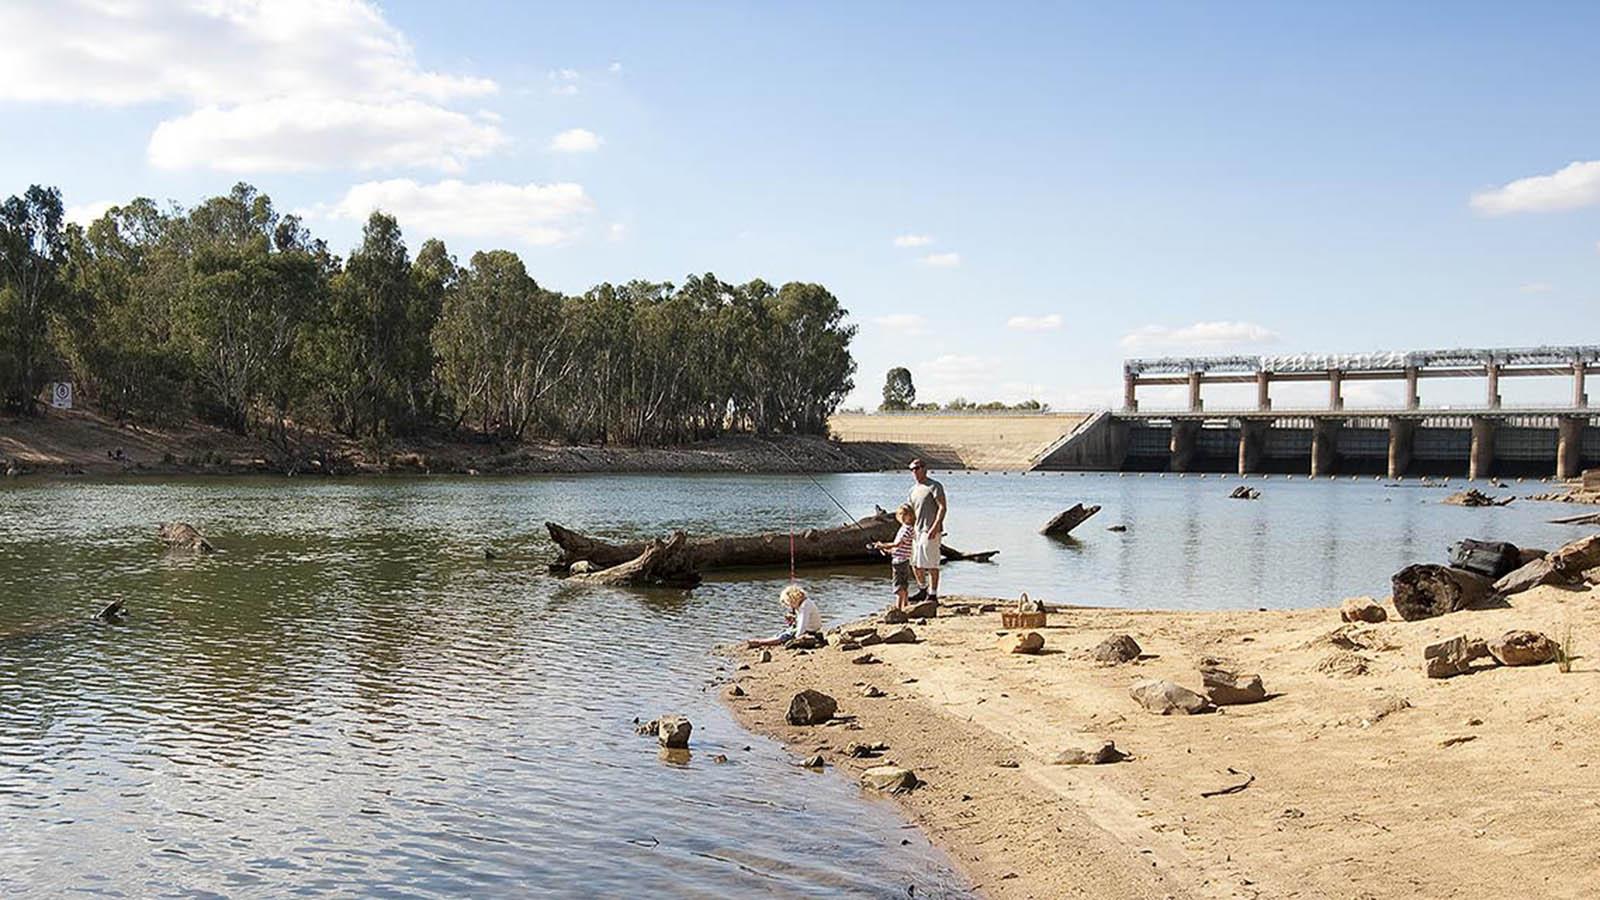 Fishing at Yarrawonga-Mulwala, The Murray, Victoria, Australia